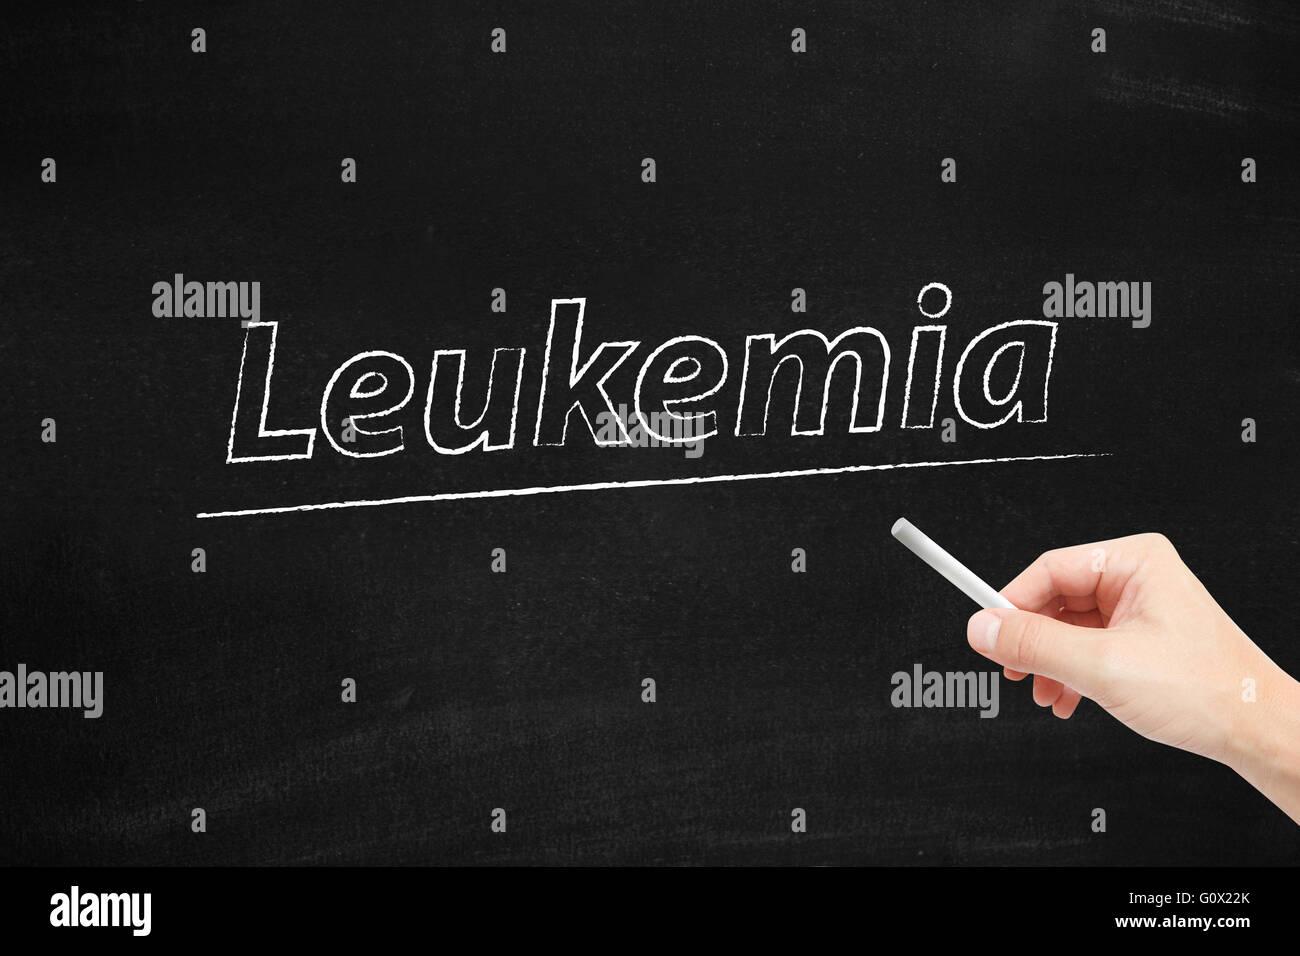 Kidney cancer written on a blackboard - Stock Image